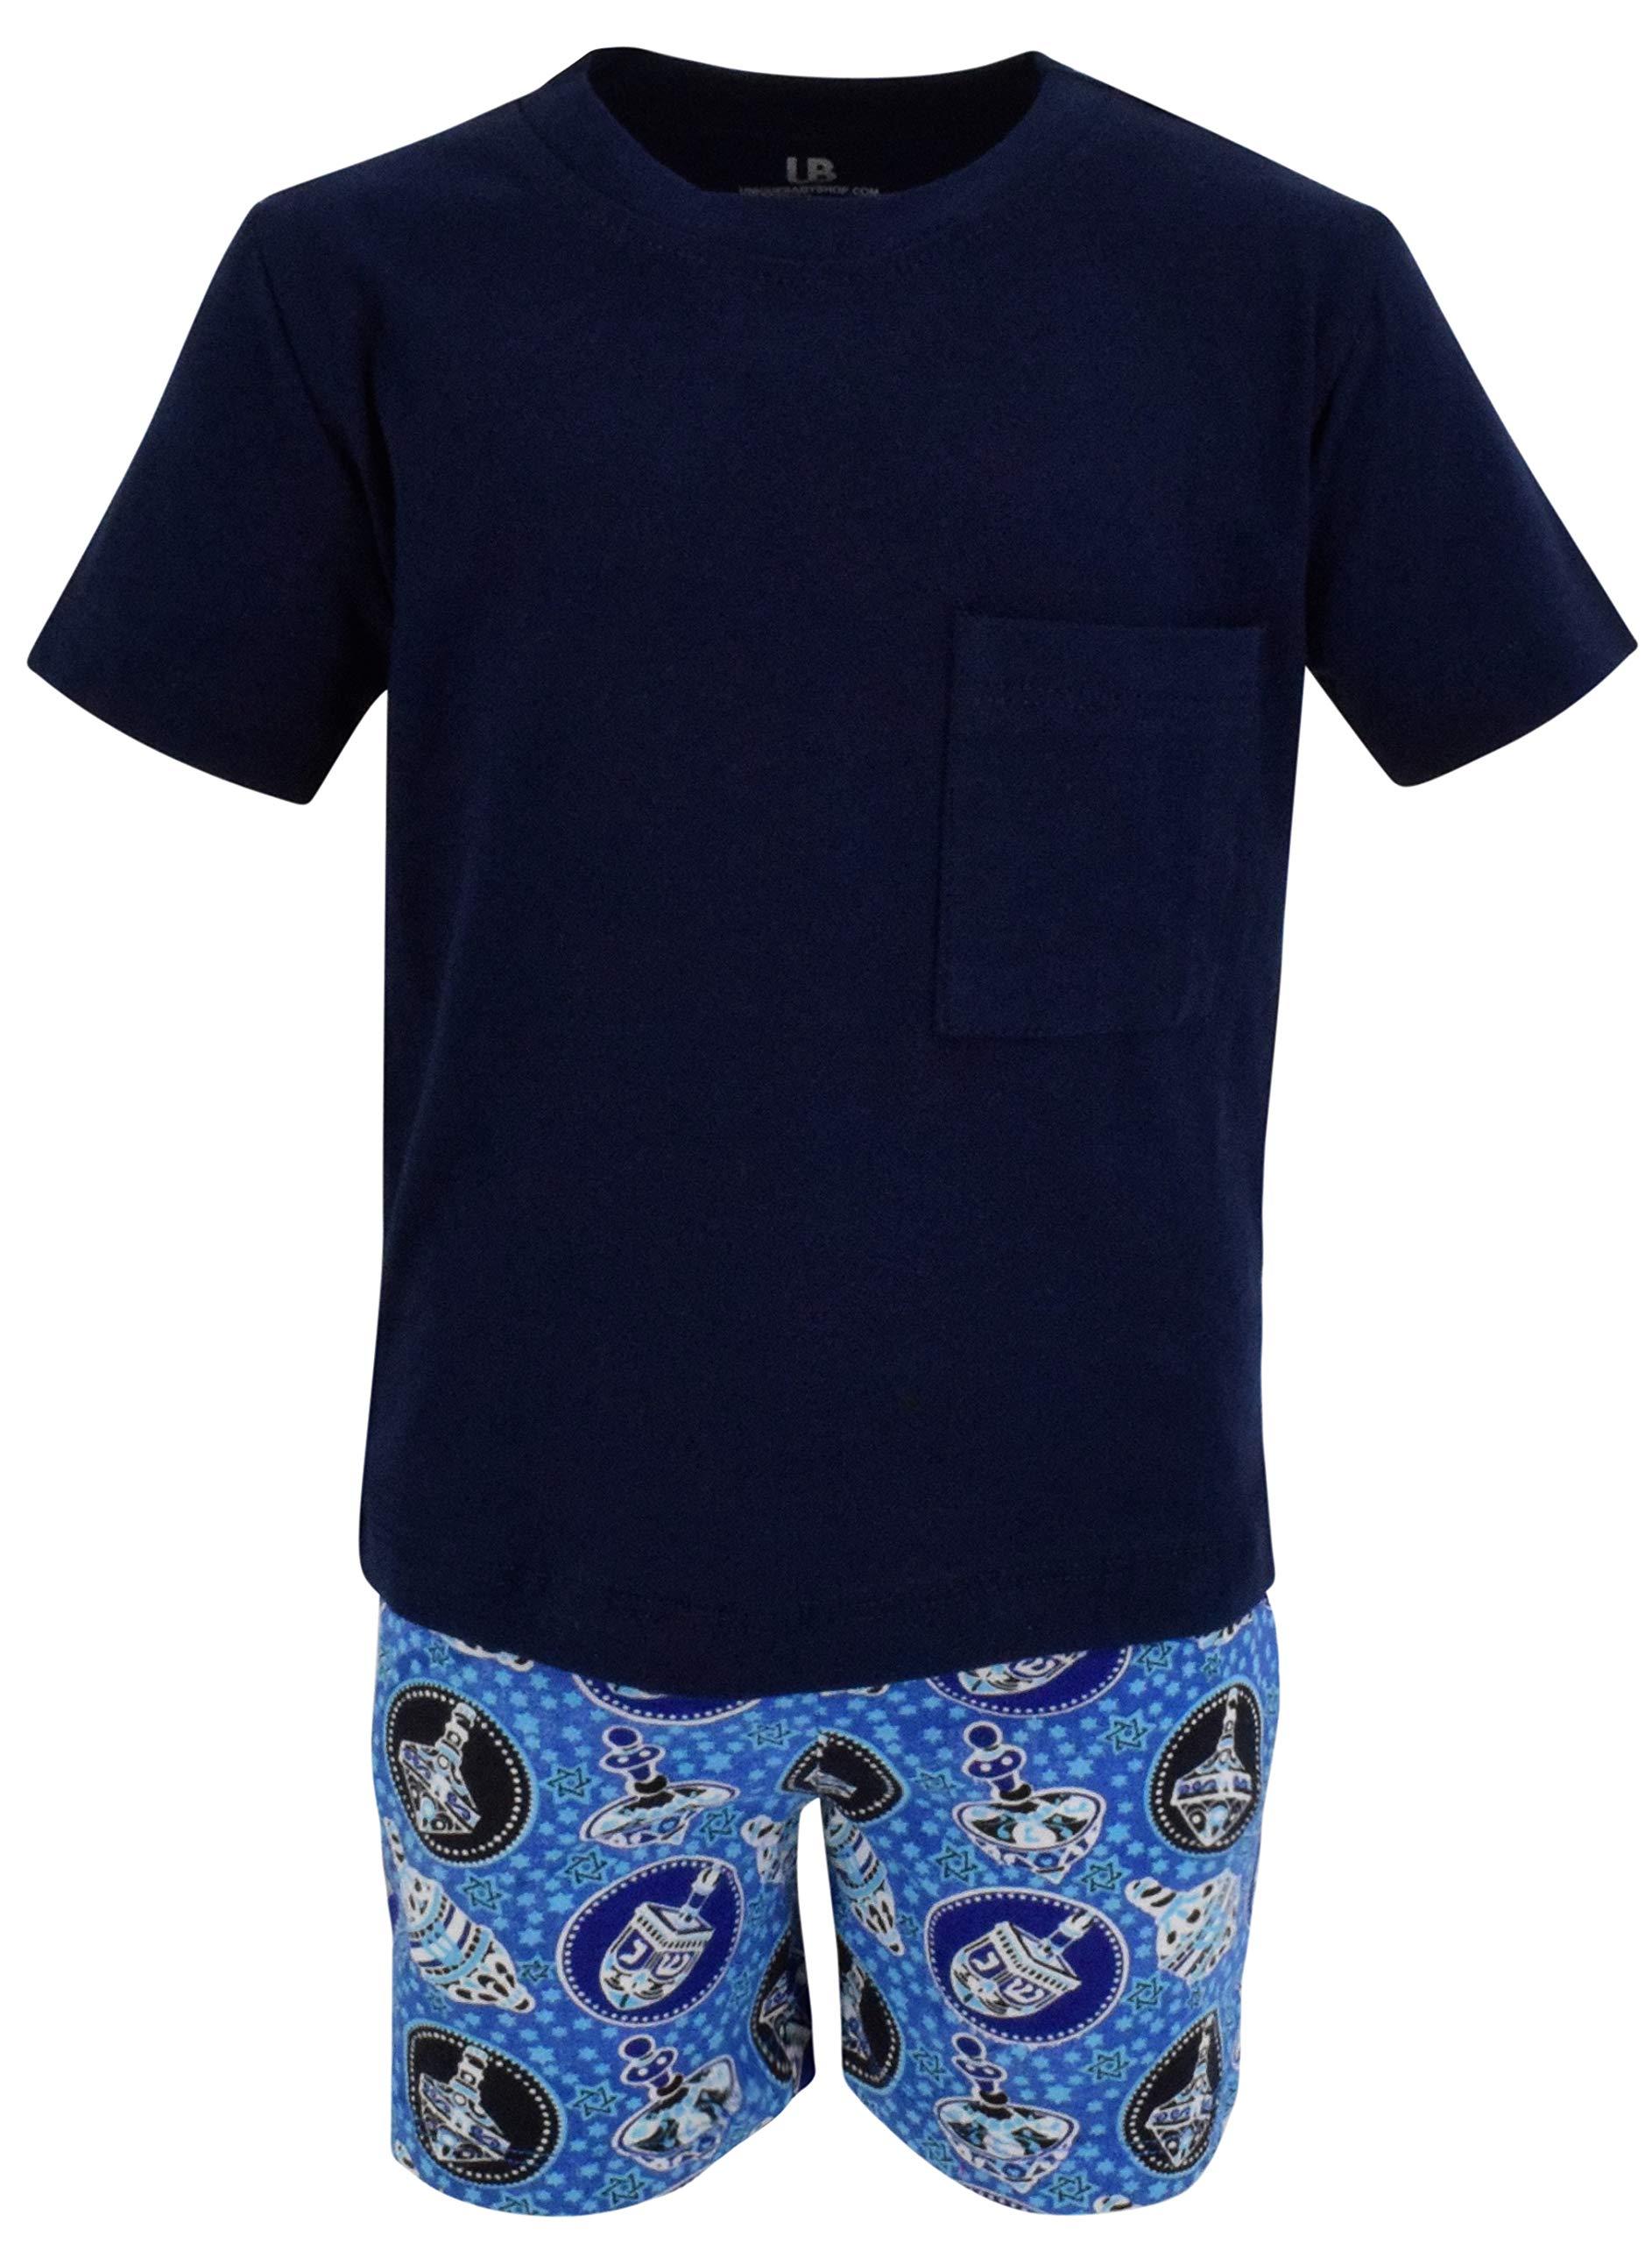 Unique Baby Boys 2 Piece Dreidel Print Hanukkah Outfit Shirt Shorts (5)